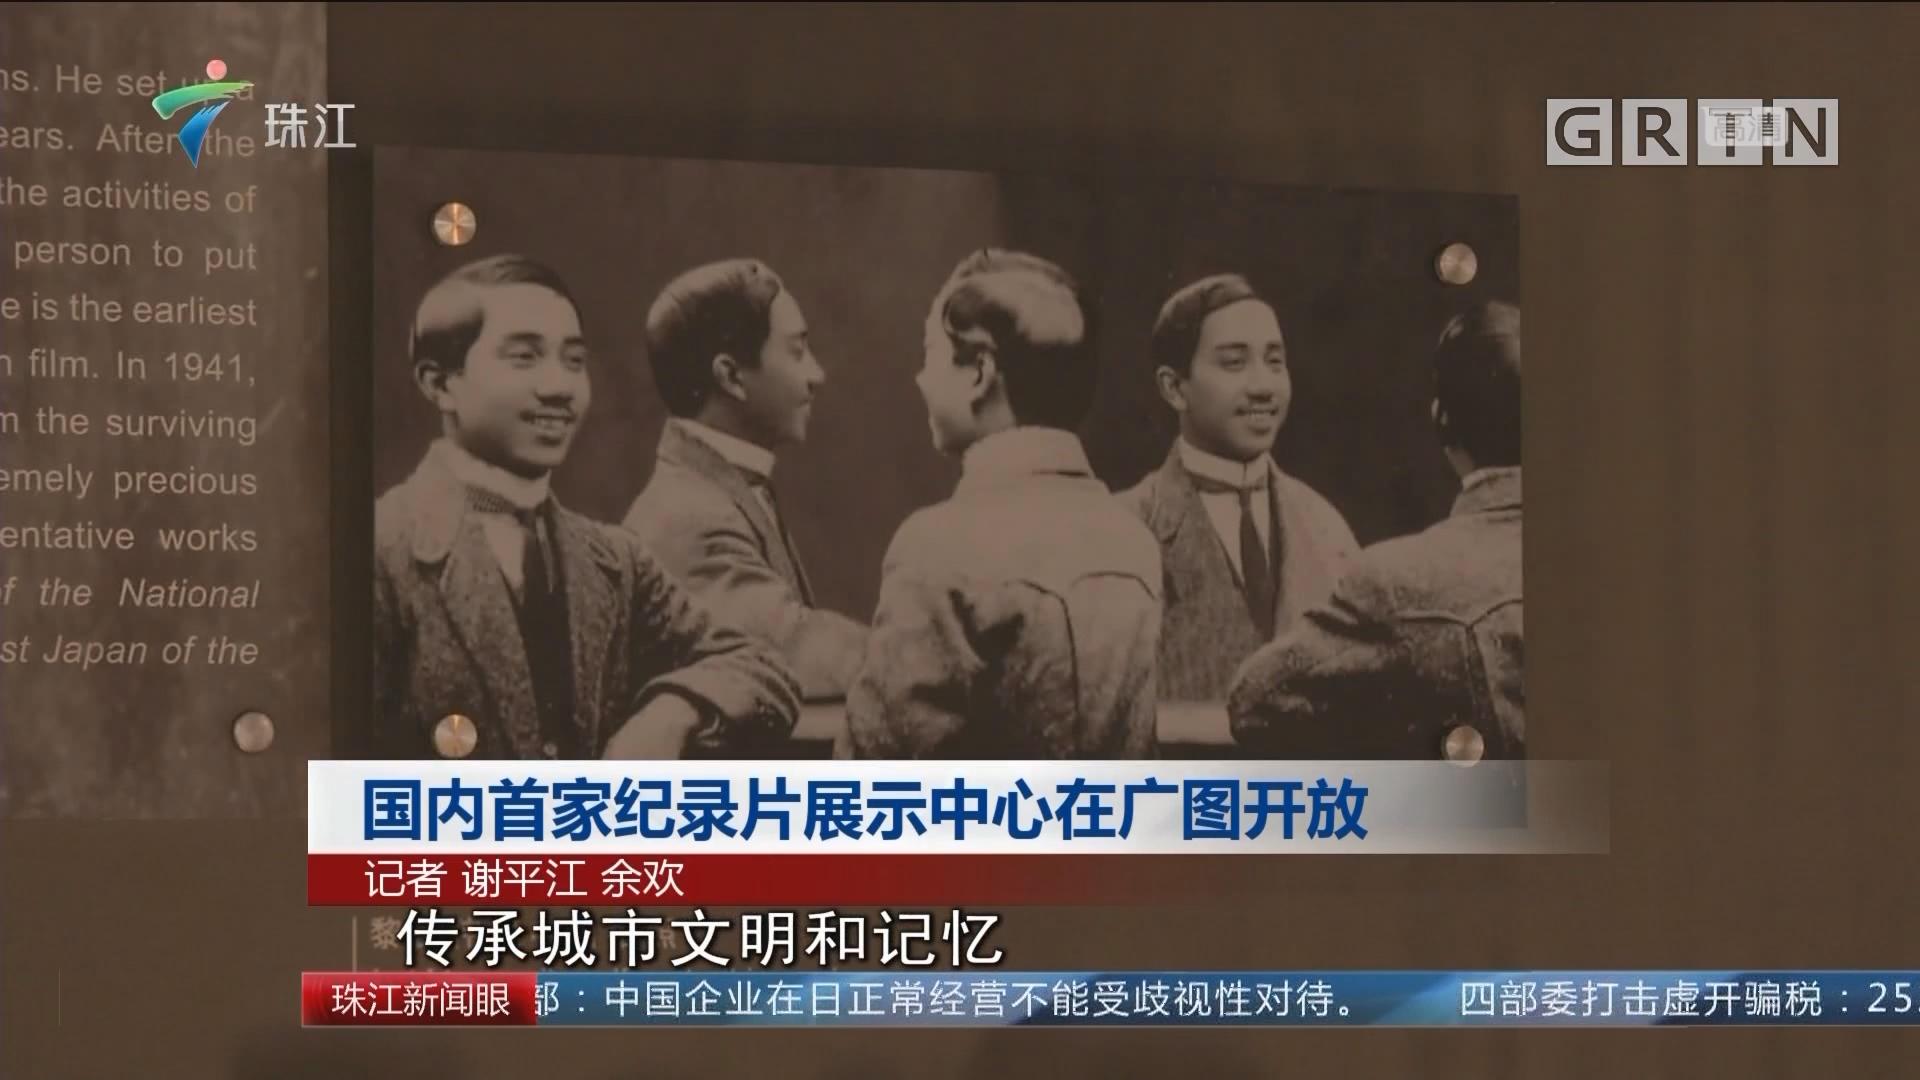 国内首家纪录片展示中心在广图开放